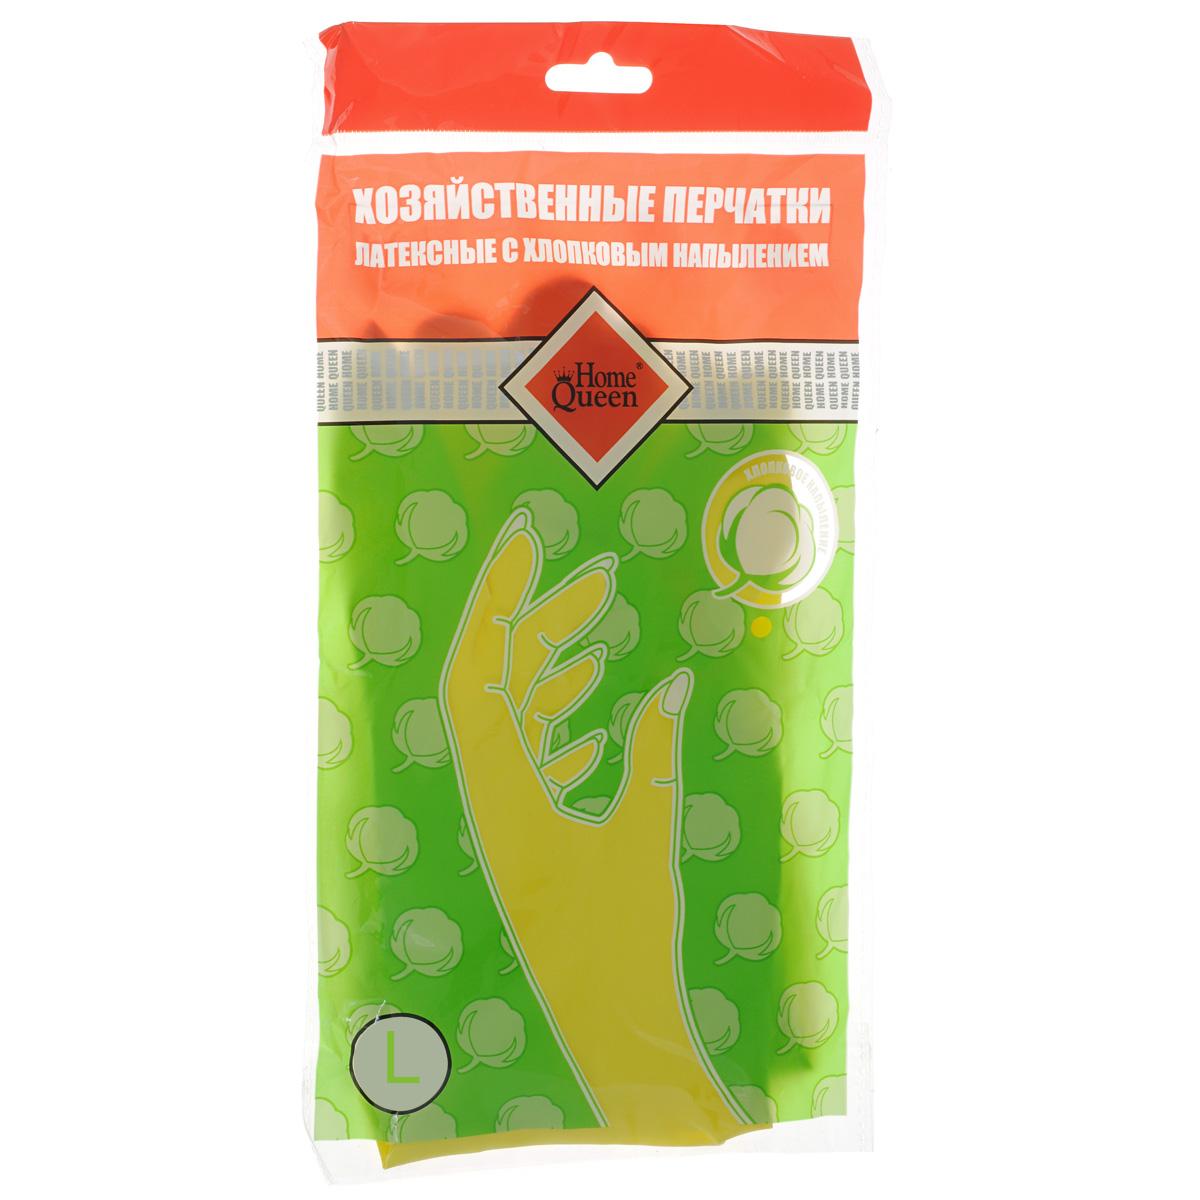 Перчатки латексные Home Queen, с хлопковым напылением. Размер LVCA-00Перчатки Home Queen защитят ваши руки от воздействия бытовой химии и грязи. Подойдут для всех видов хозяйственных работ. Выполнены из латекса с хлопковым напылением.